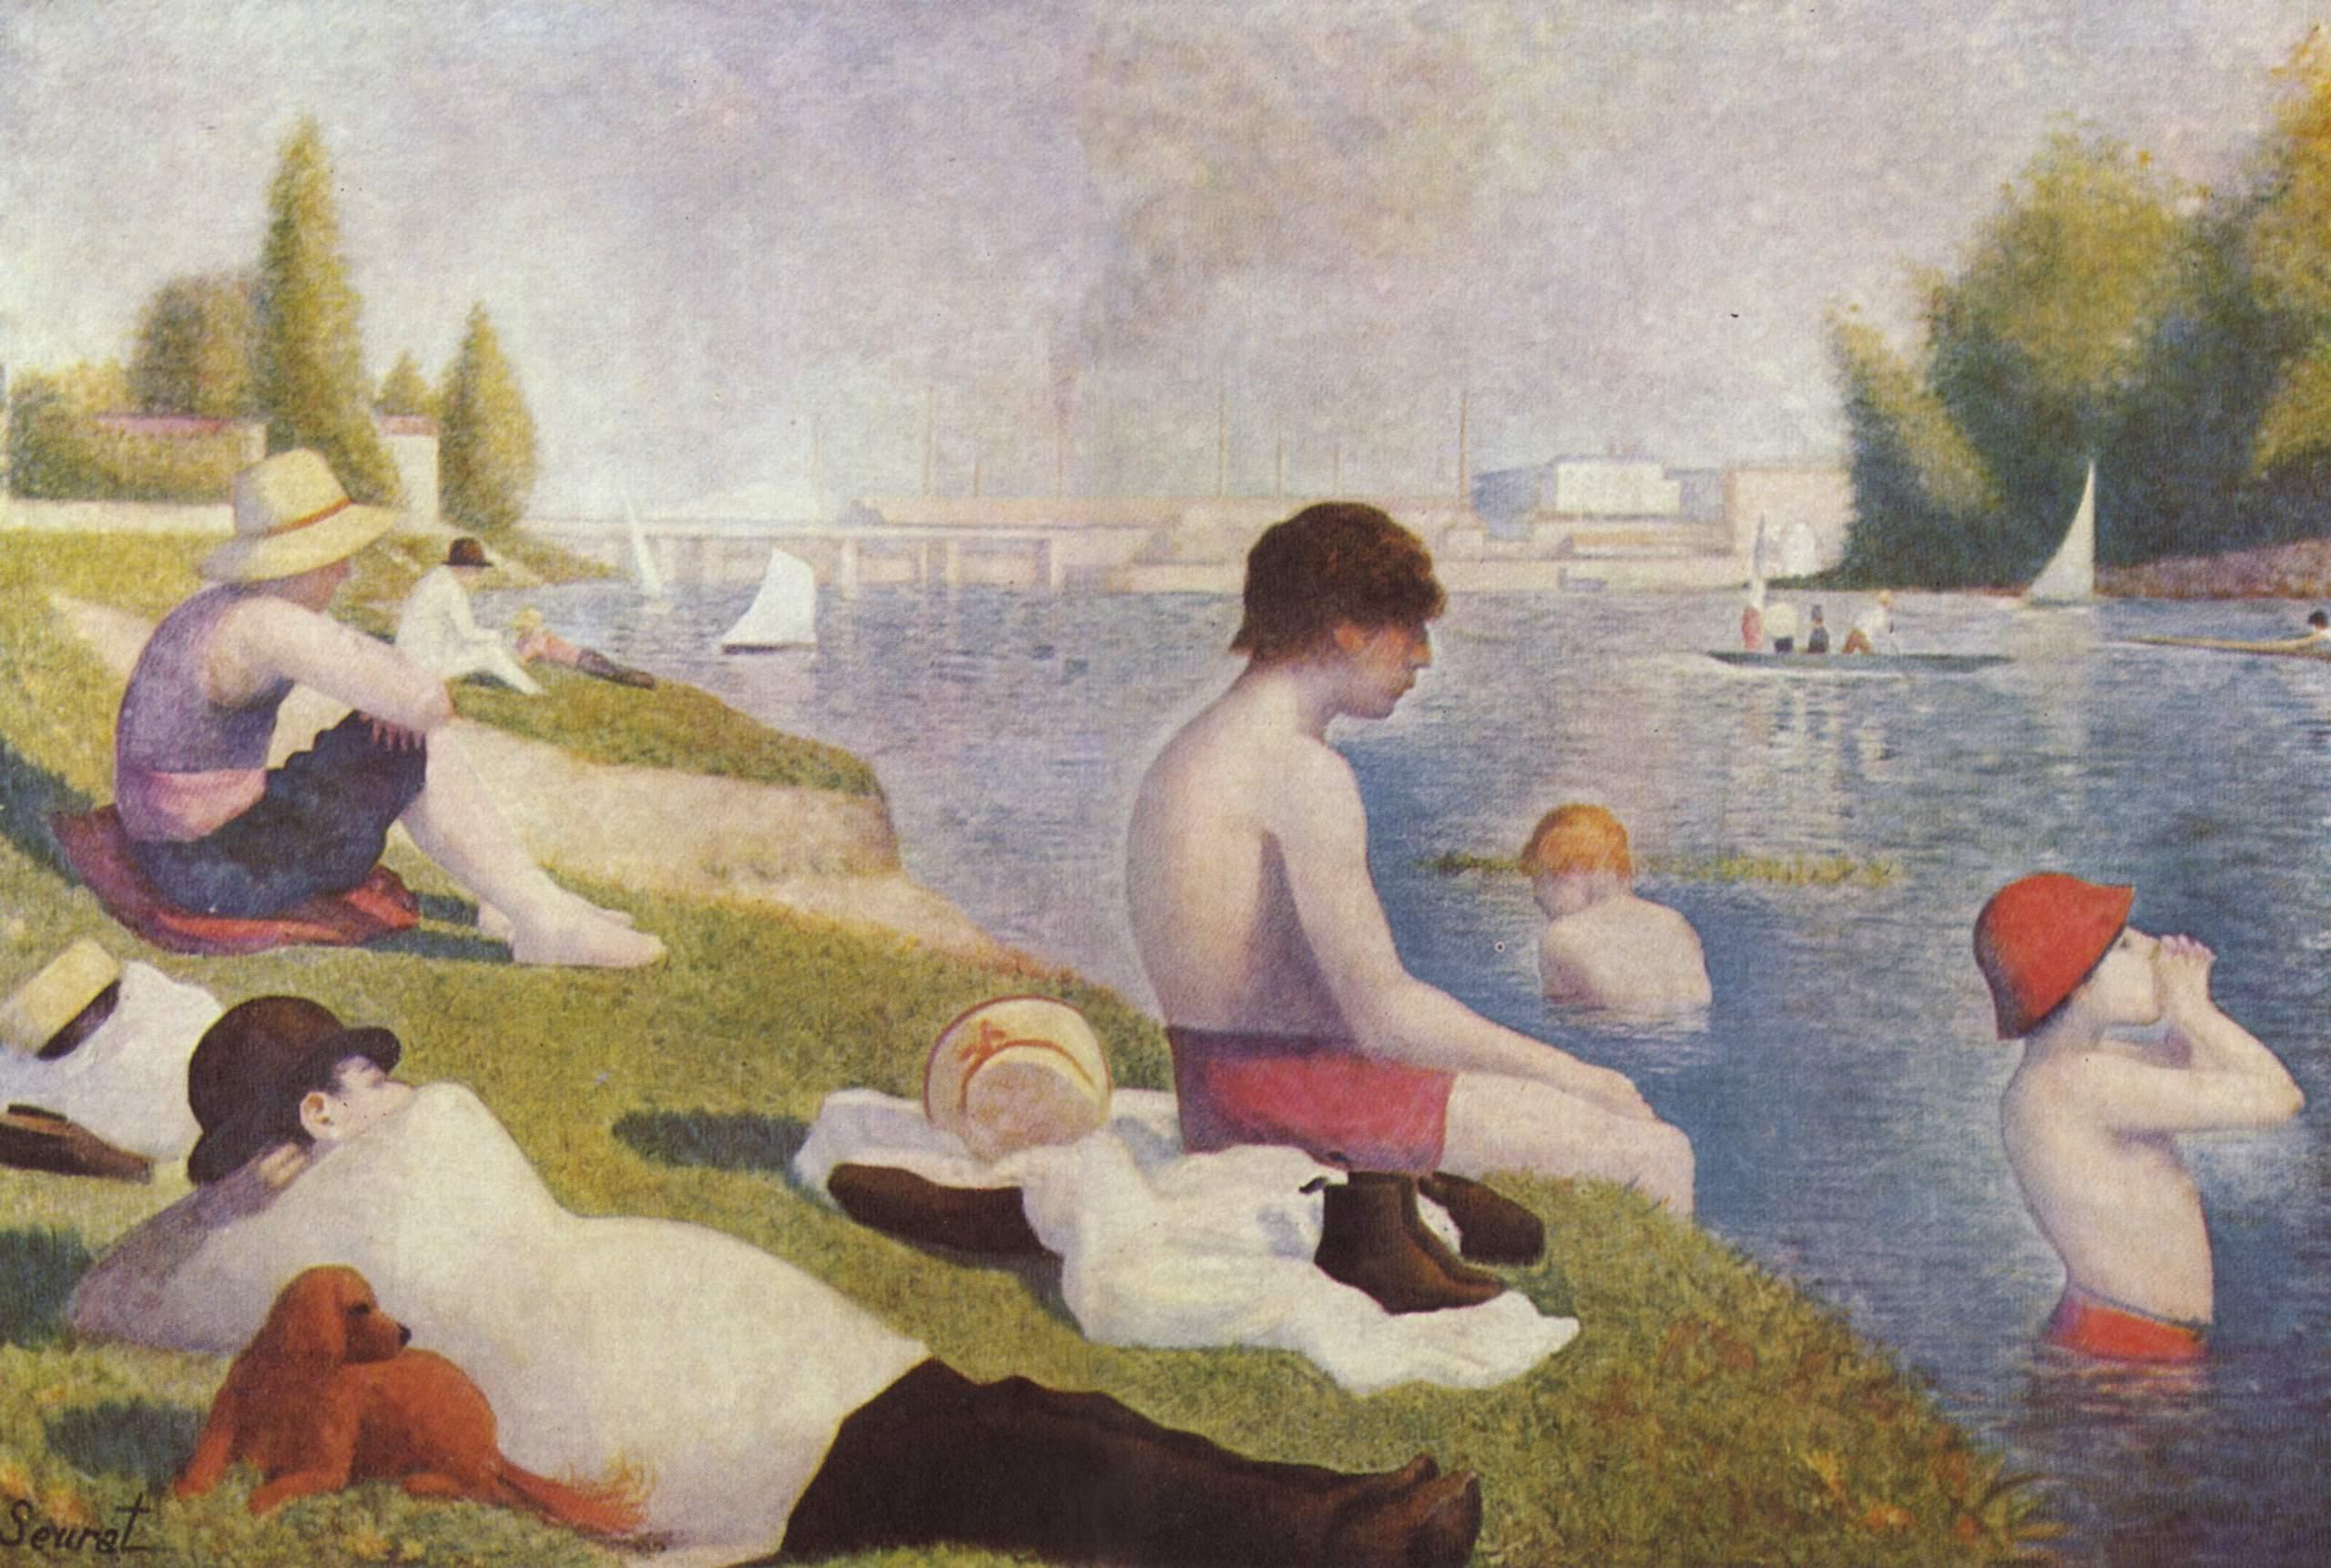 Figura 1. Georges Seurat, Une Baignade, Asnière